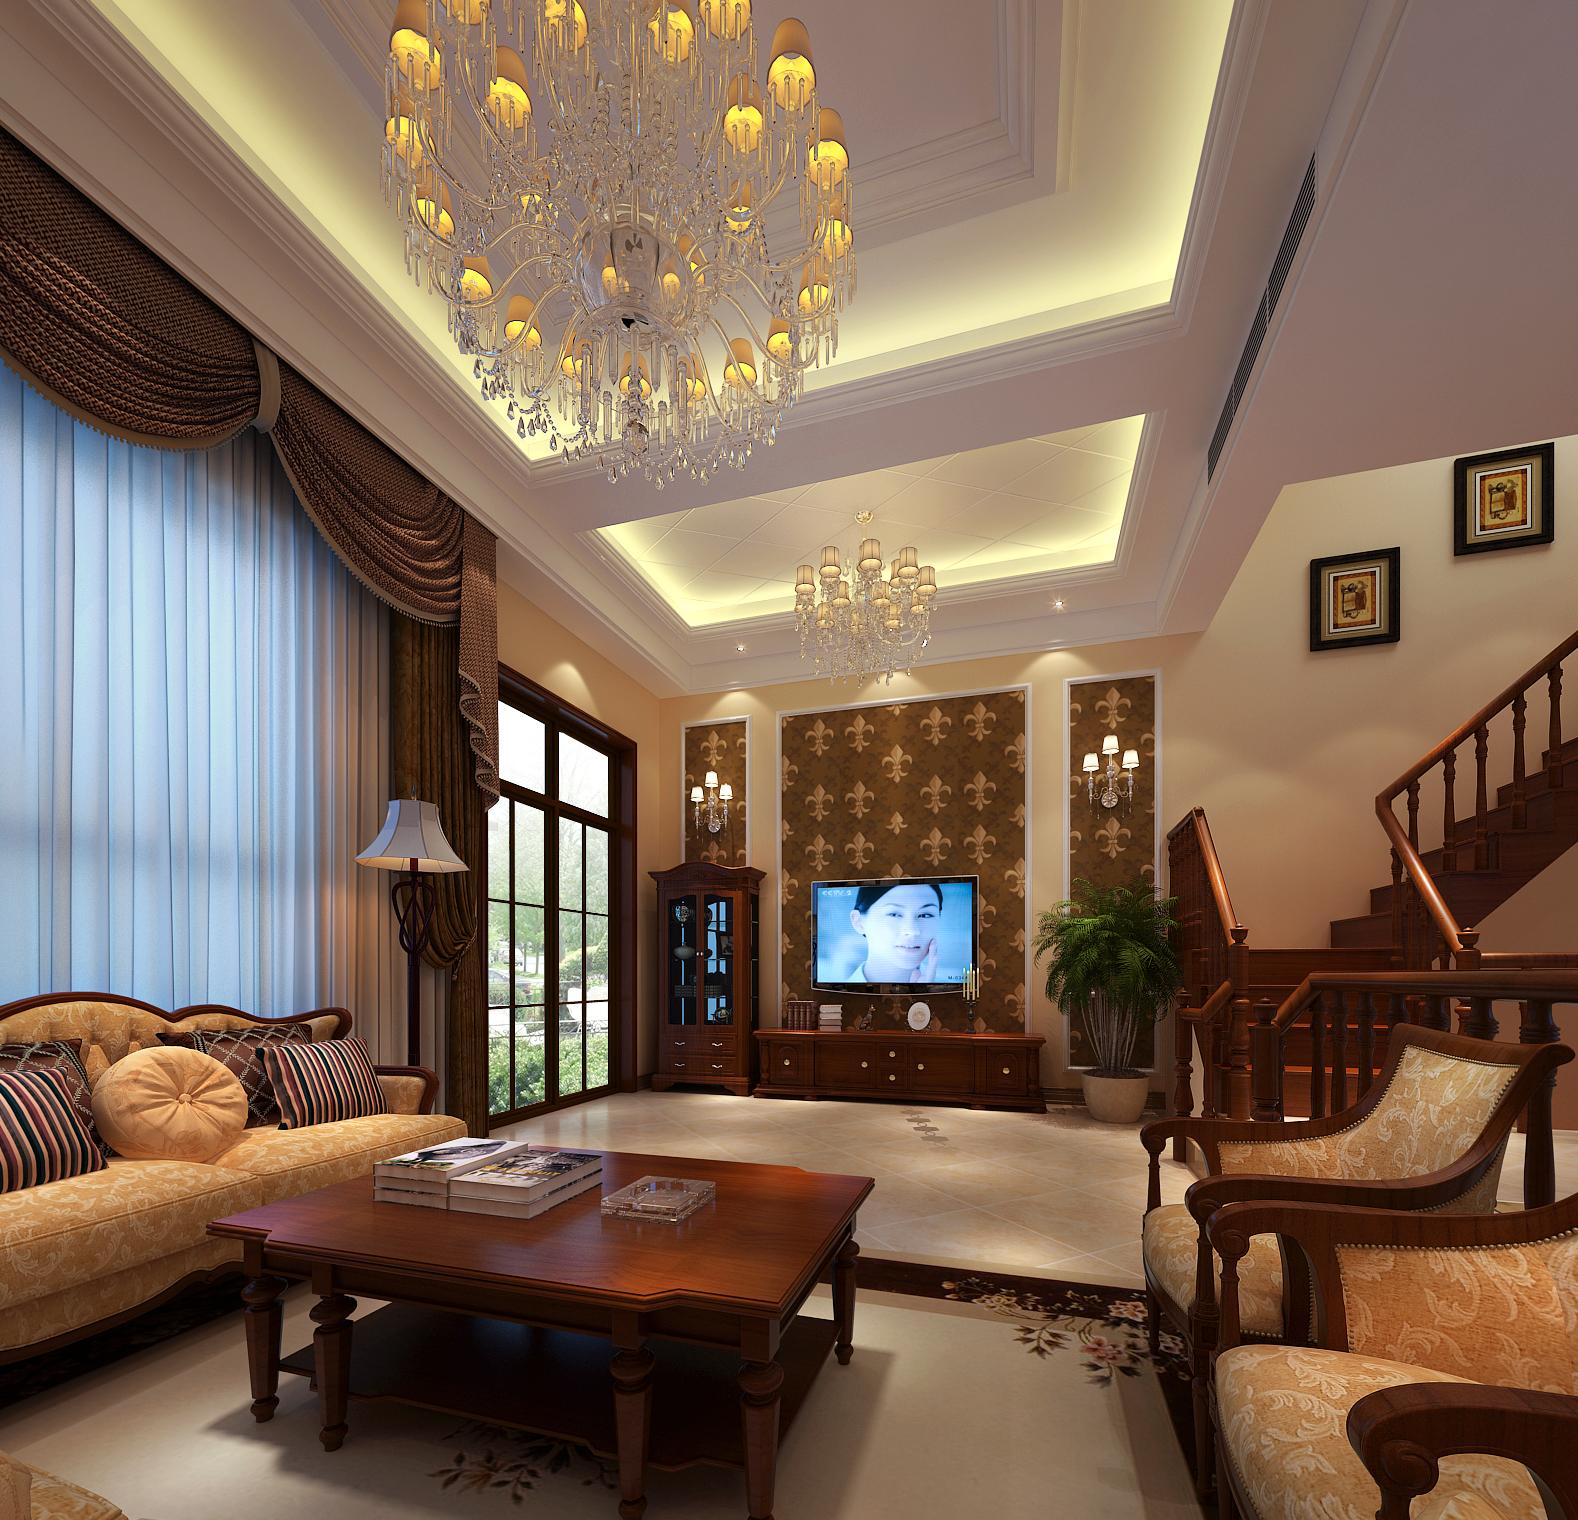 美式风格 装修效果图 别墅装修 别墅 实创装饰 实创 美式乡村 美式 旧房改造 客厅图片来自北京实创装饰在42万装修240平米美式风格的分享